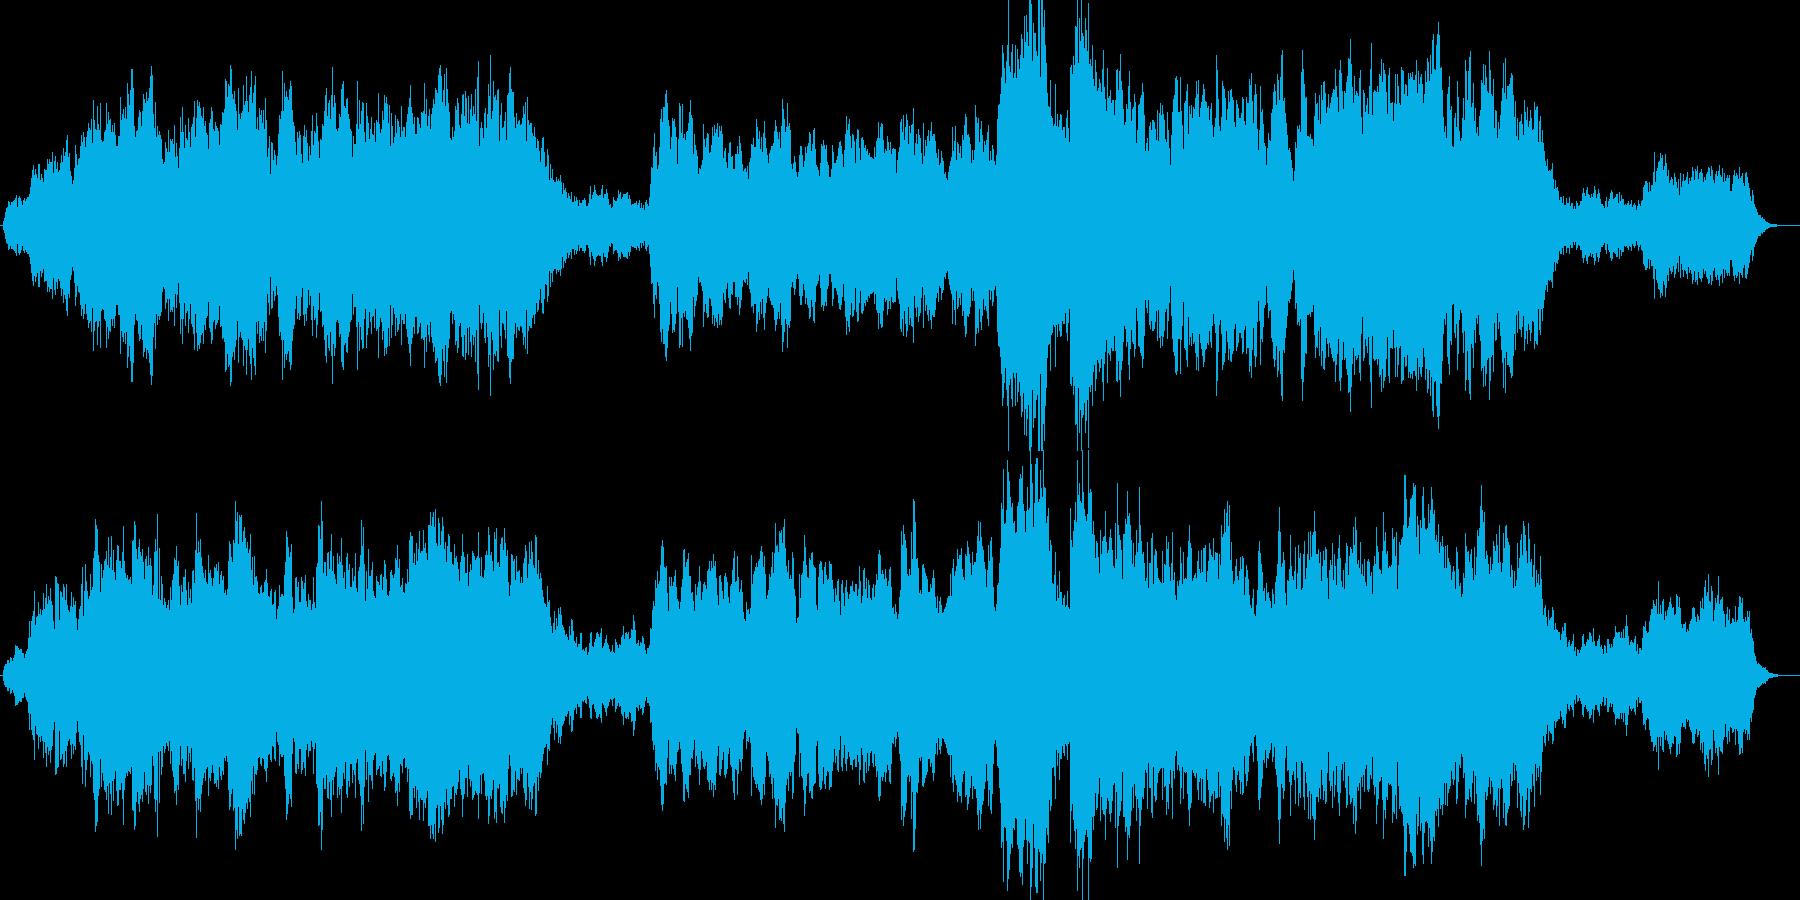 ダークでドラマチックな感動オーケストラの再生済みの波形